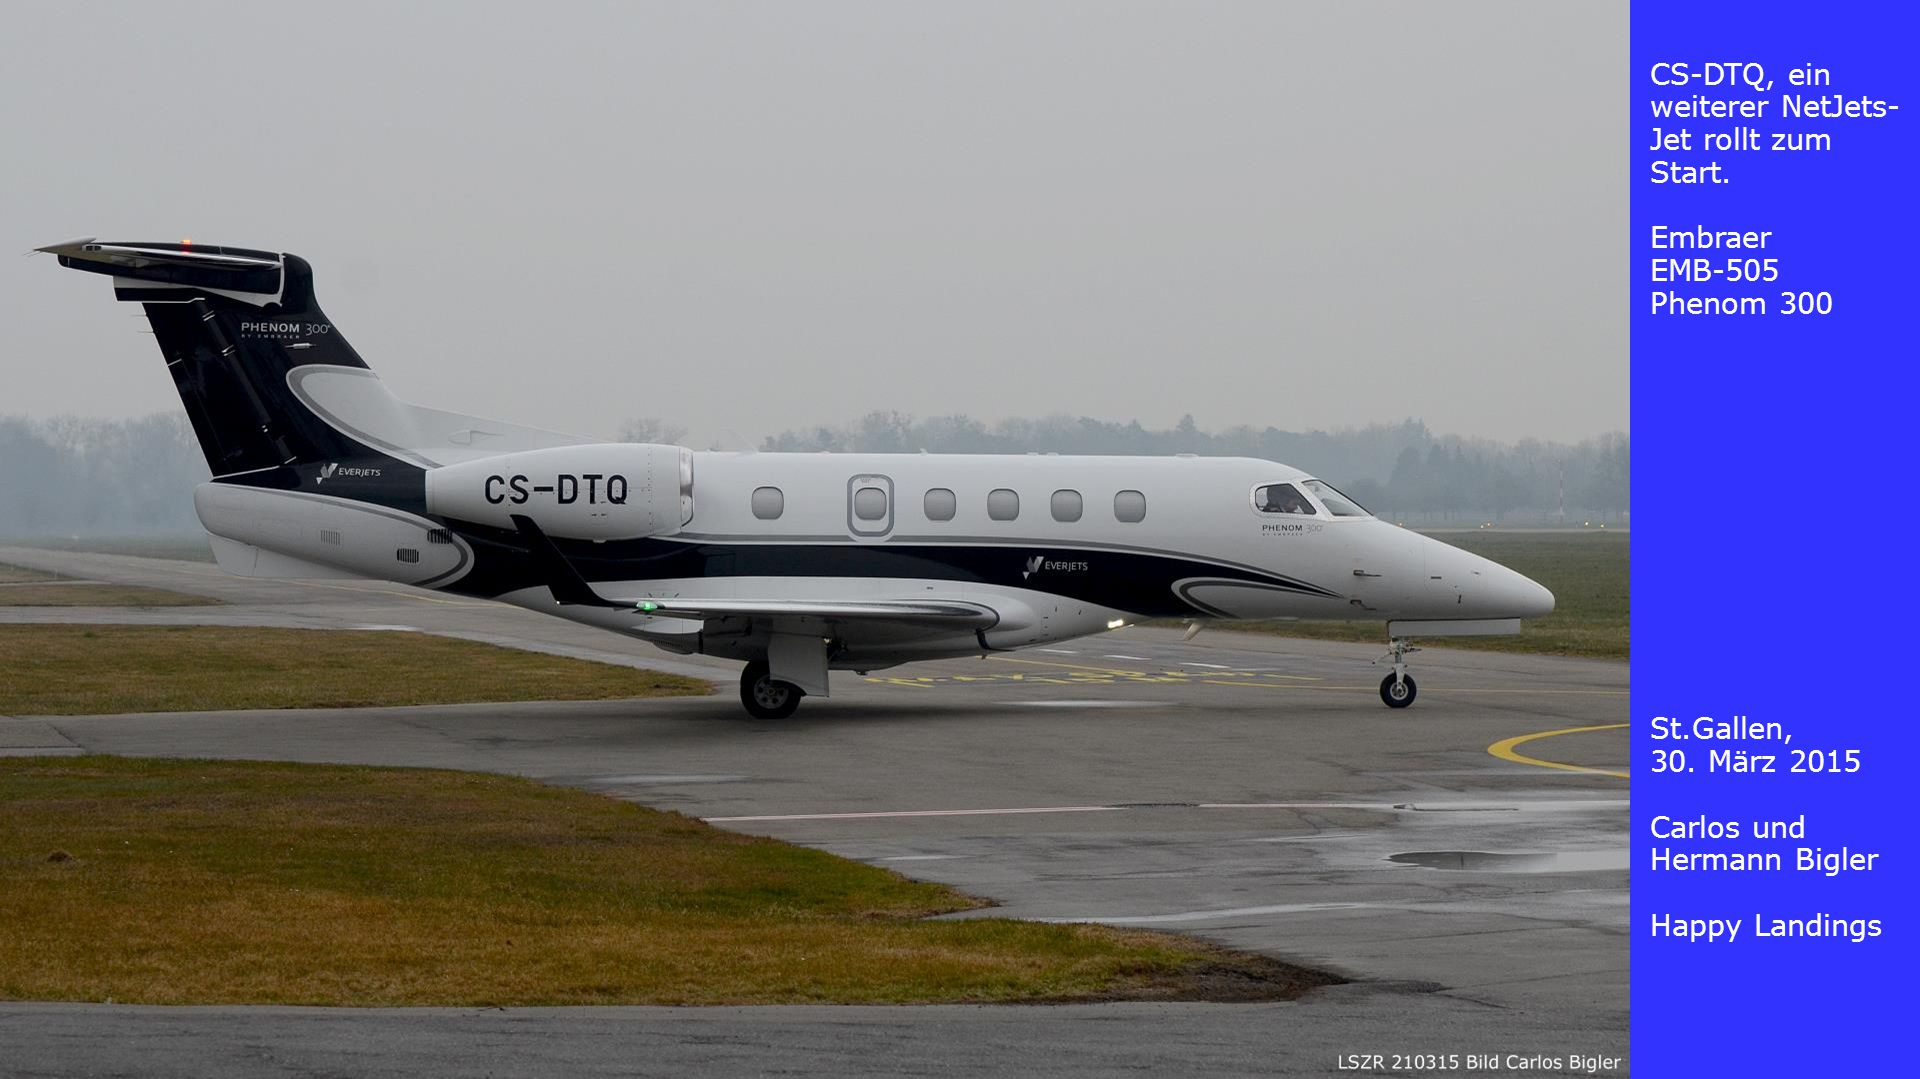 CS-DTQ, ein weiterer NetJets-Jet rollt zum Start